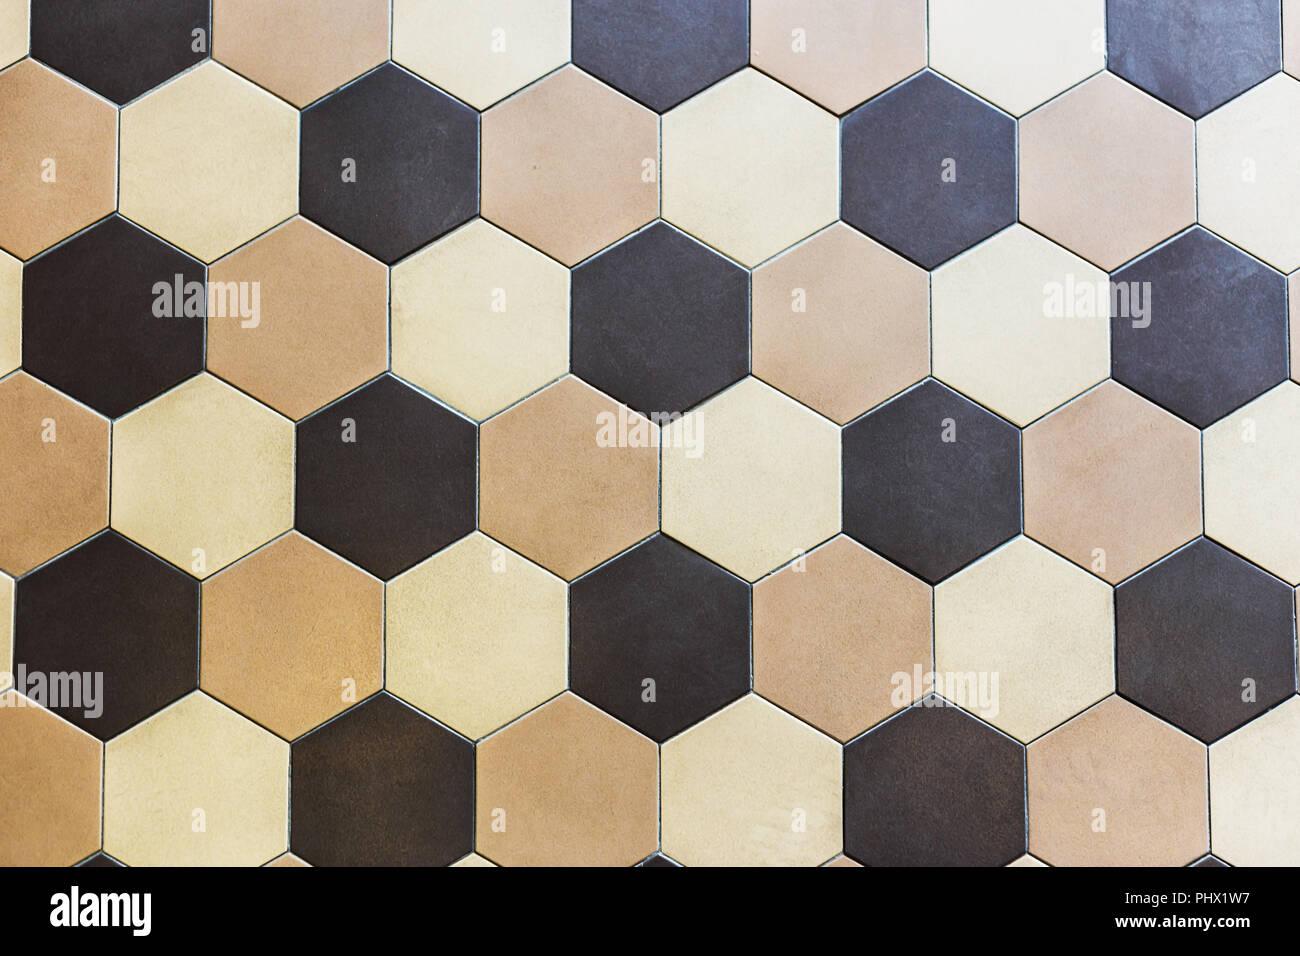 Bunter Marmor Hexagon Fliesen. Beige Und Braun